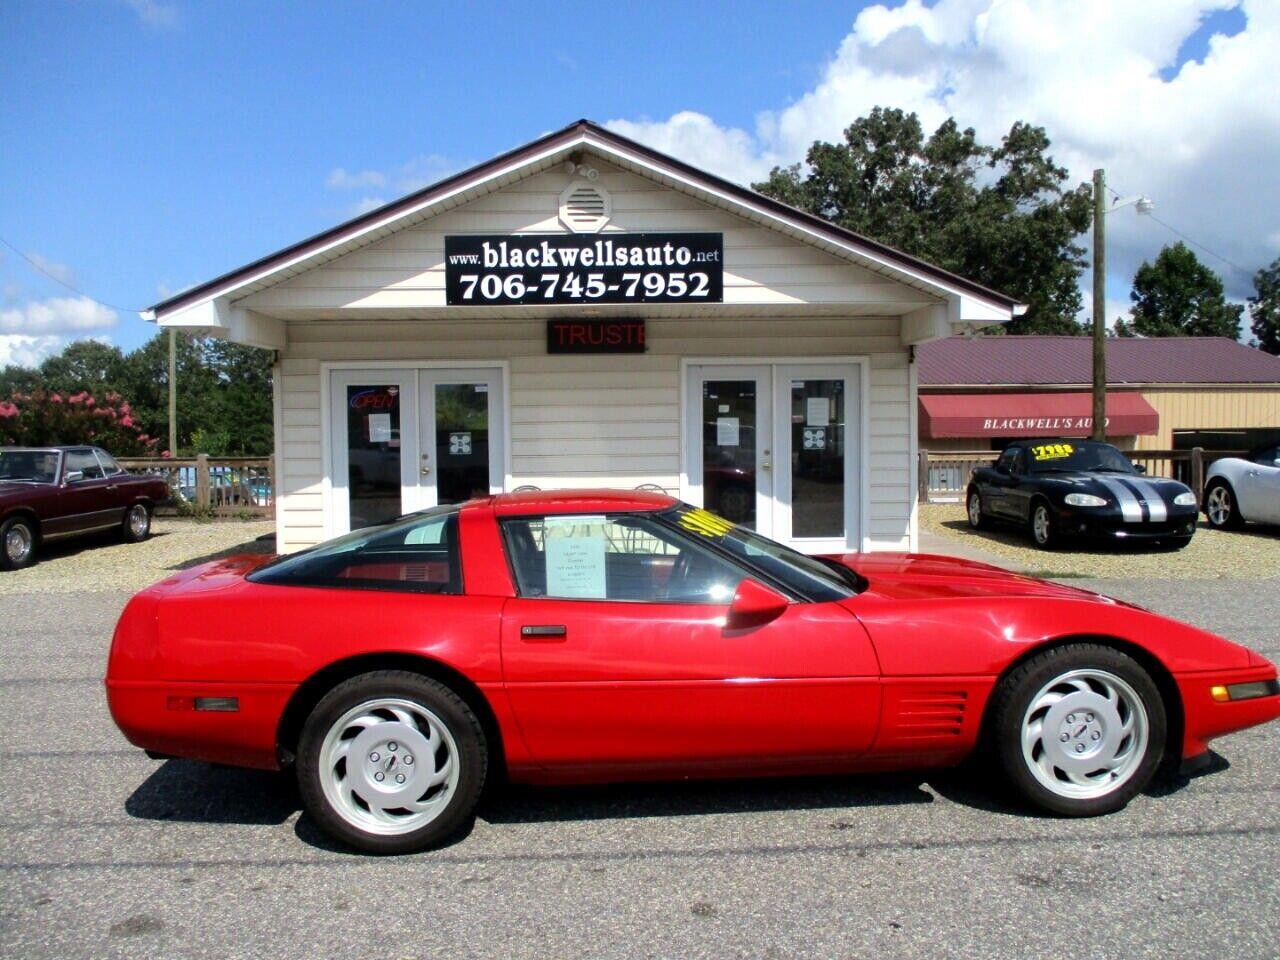 1991 Red Chevrolet Corvette Coupe  | C4 Corvette Photo 2